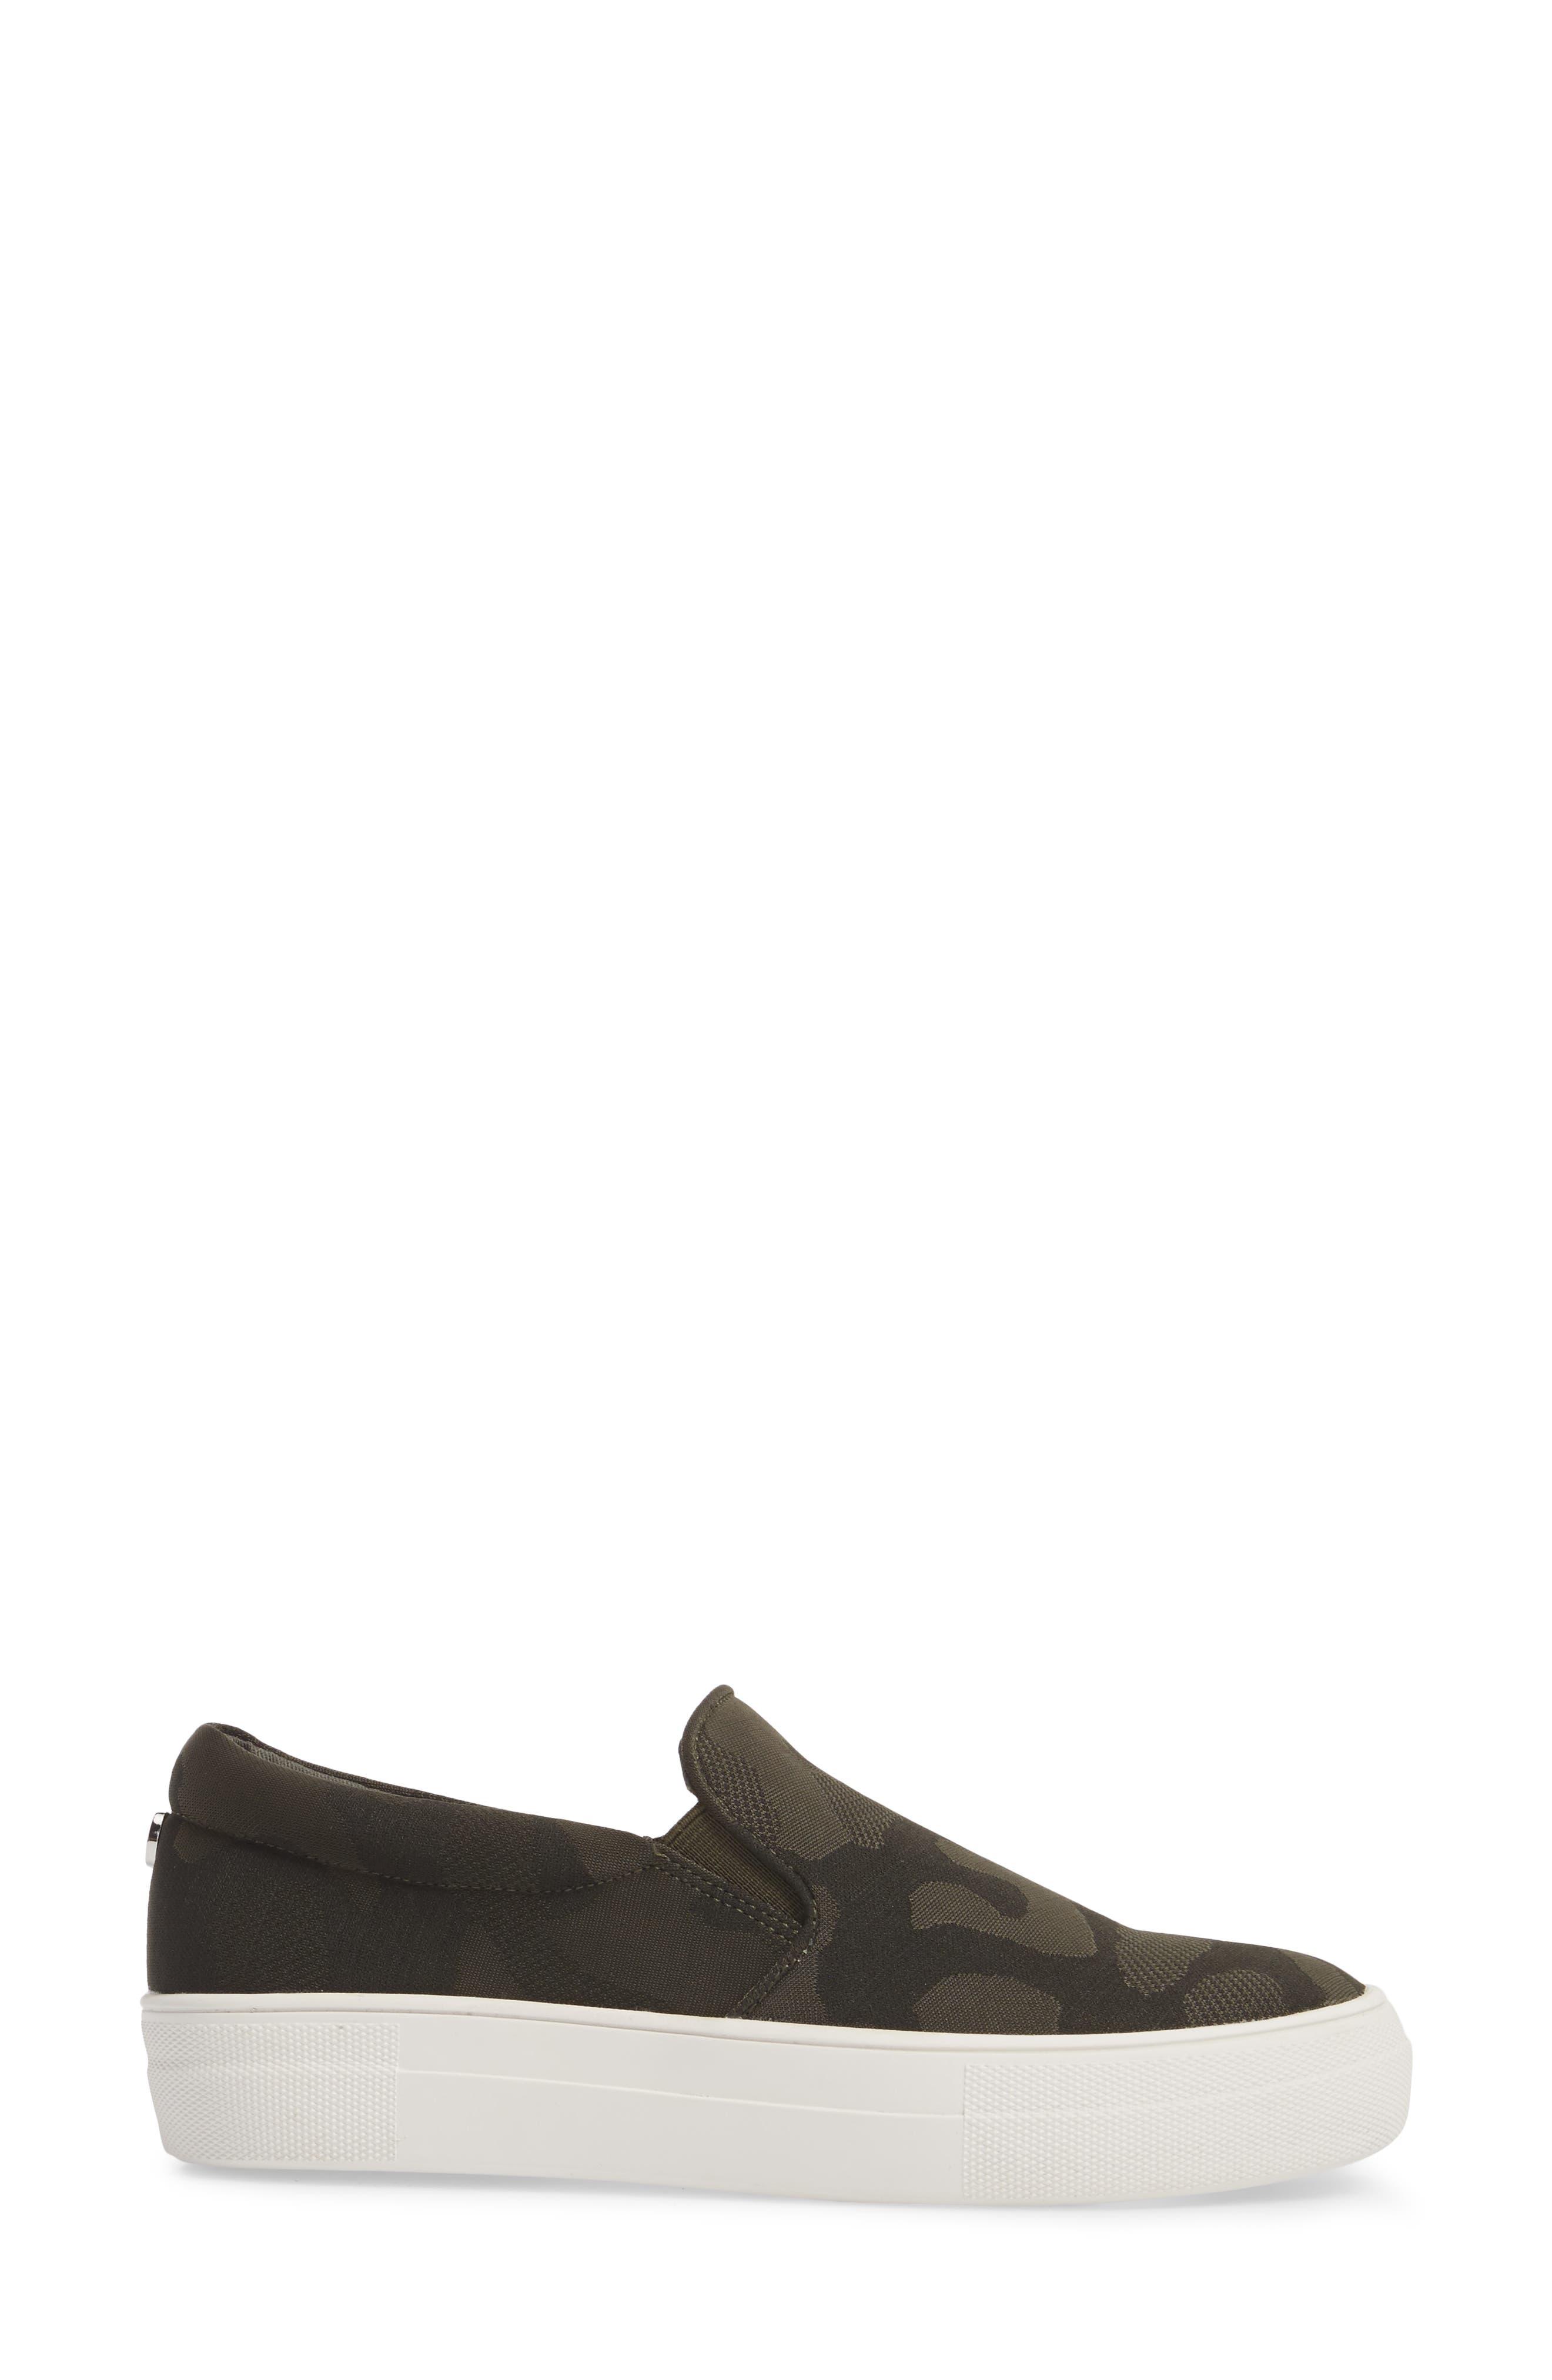 Alternate Image 3  - Steve Madden Gills Platform Slip-On Sneaker (Women)